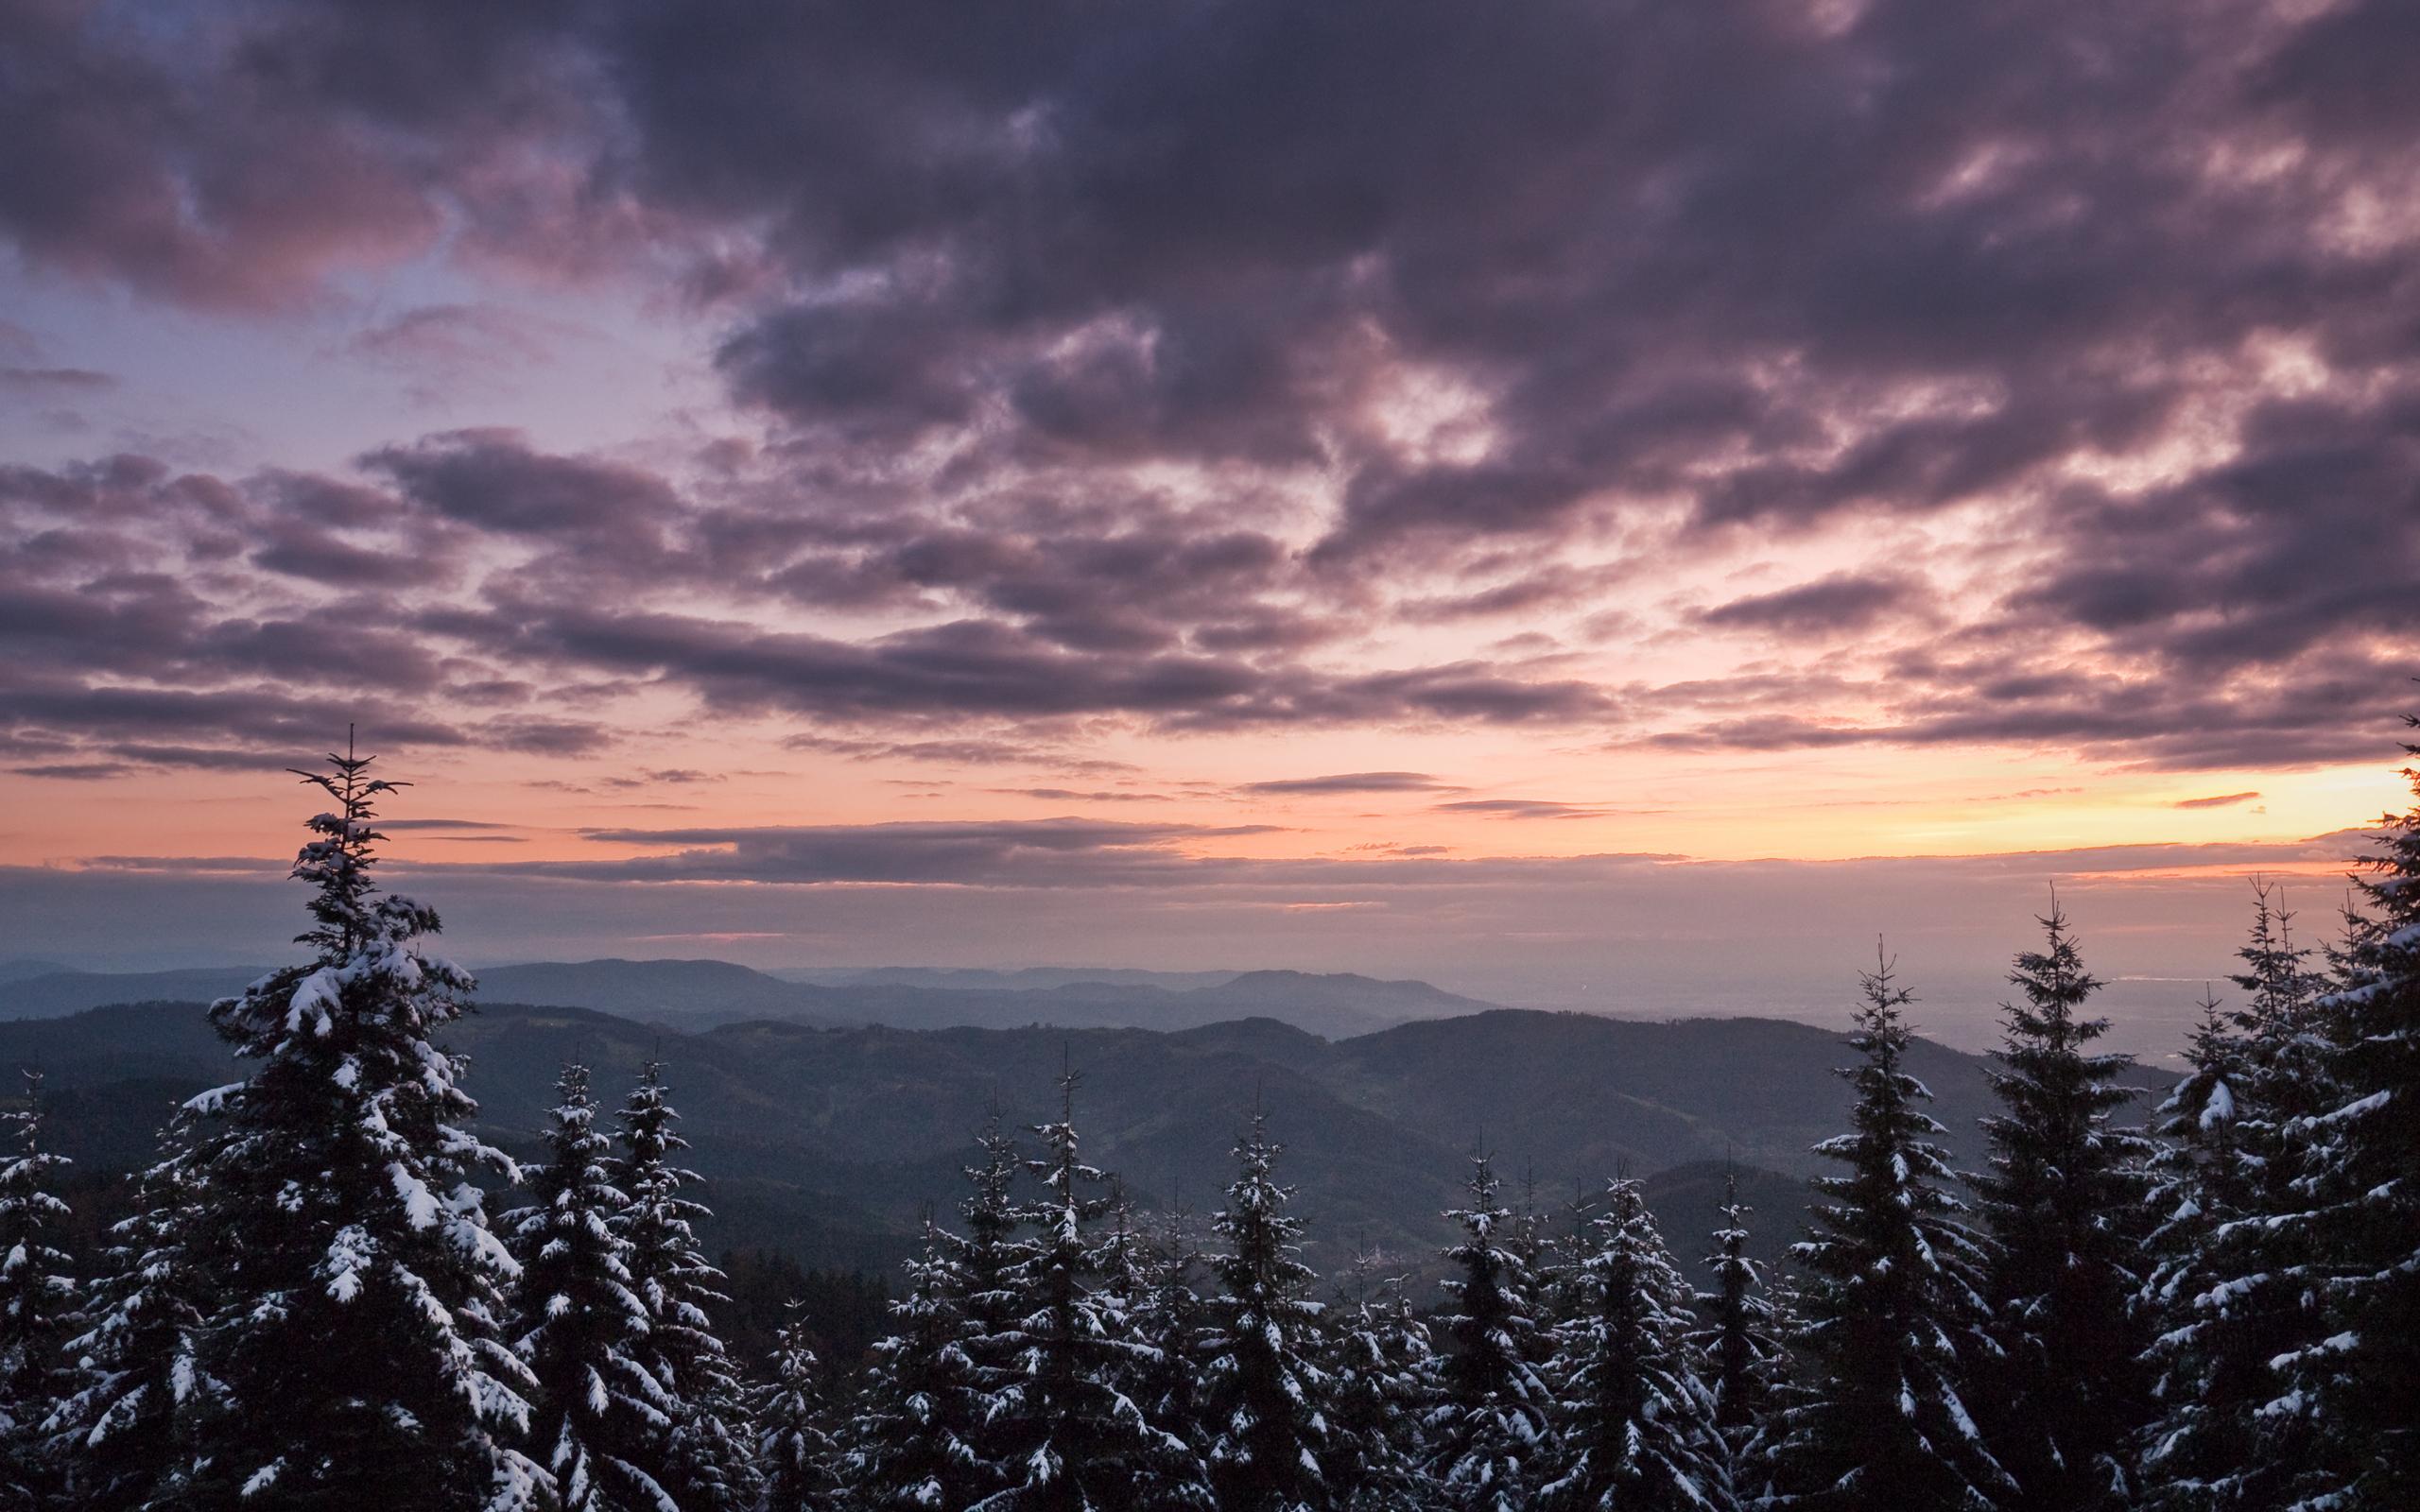 природа лес деревья ели гора облака небо  № 2757474 без смс